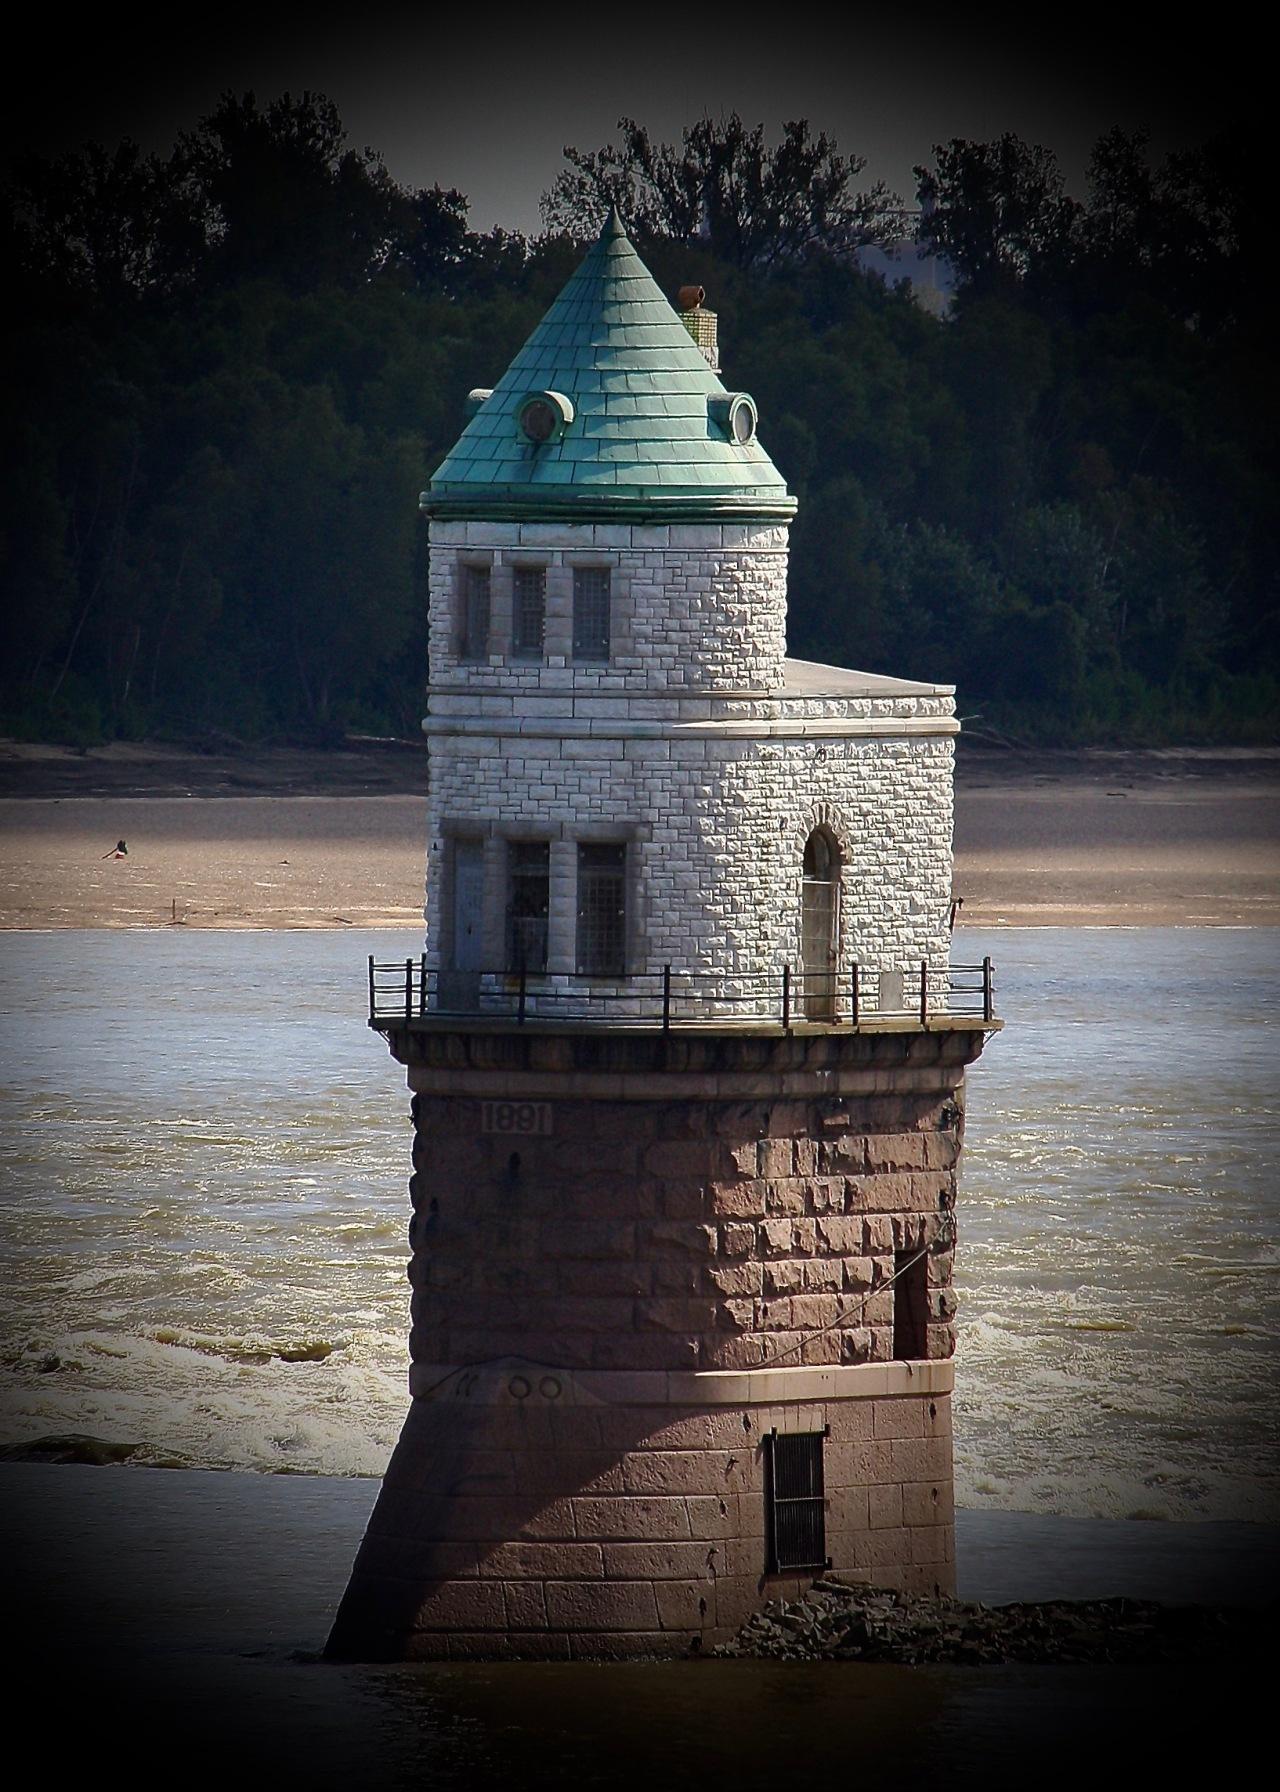 Water Intake Tower 2